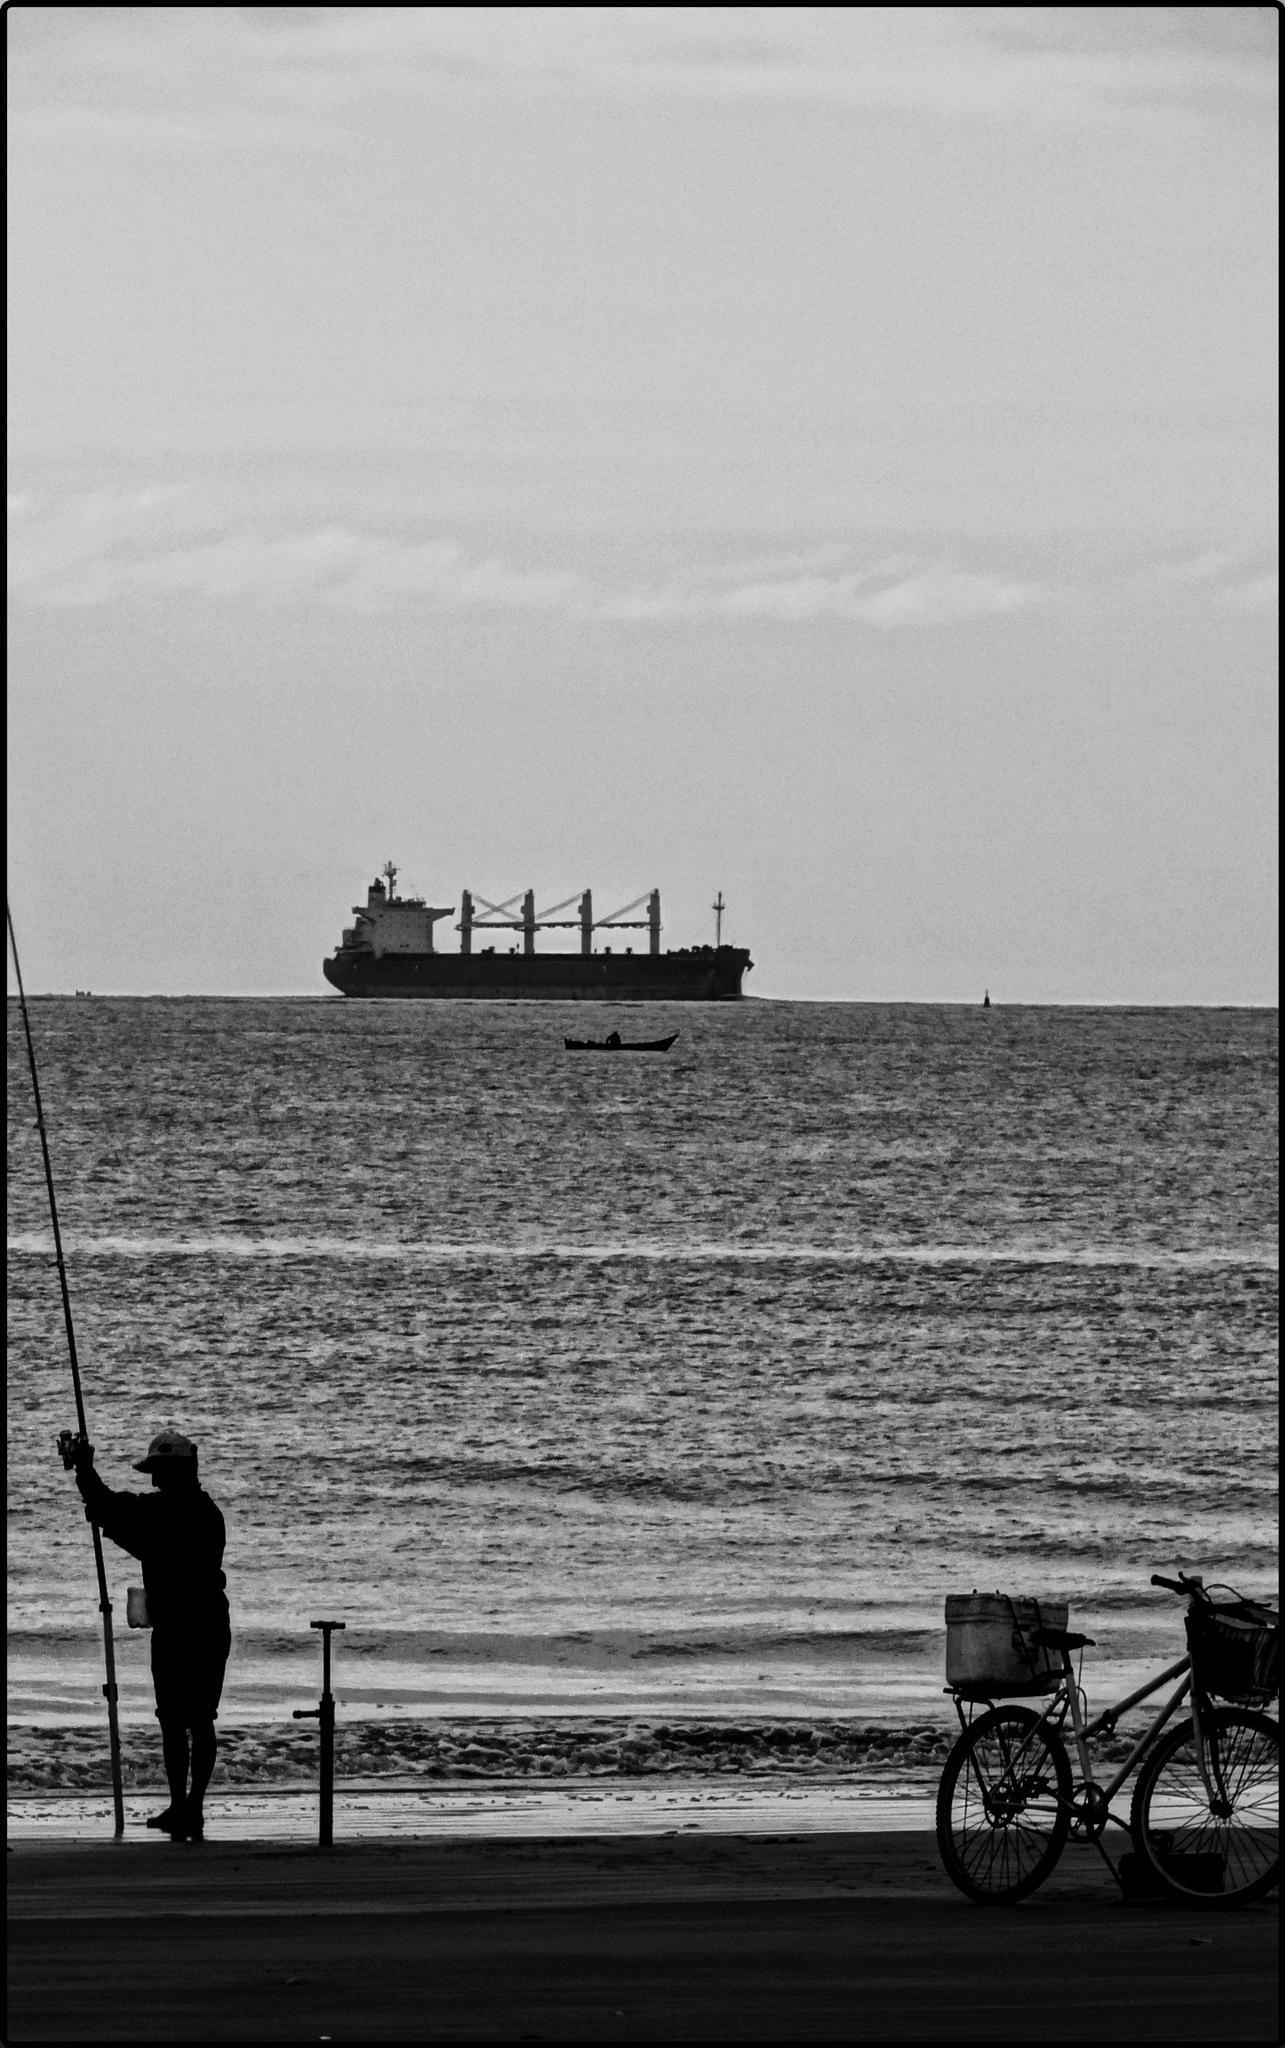 O Mar by Emerson Mazza